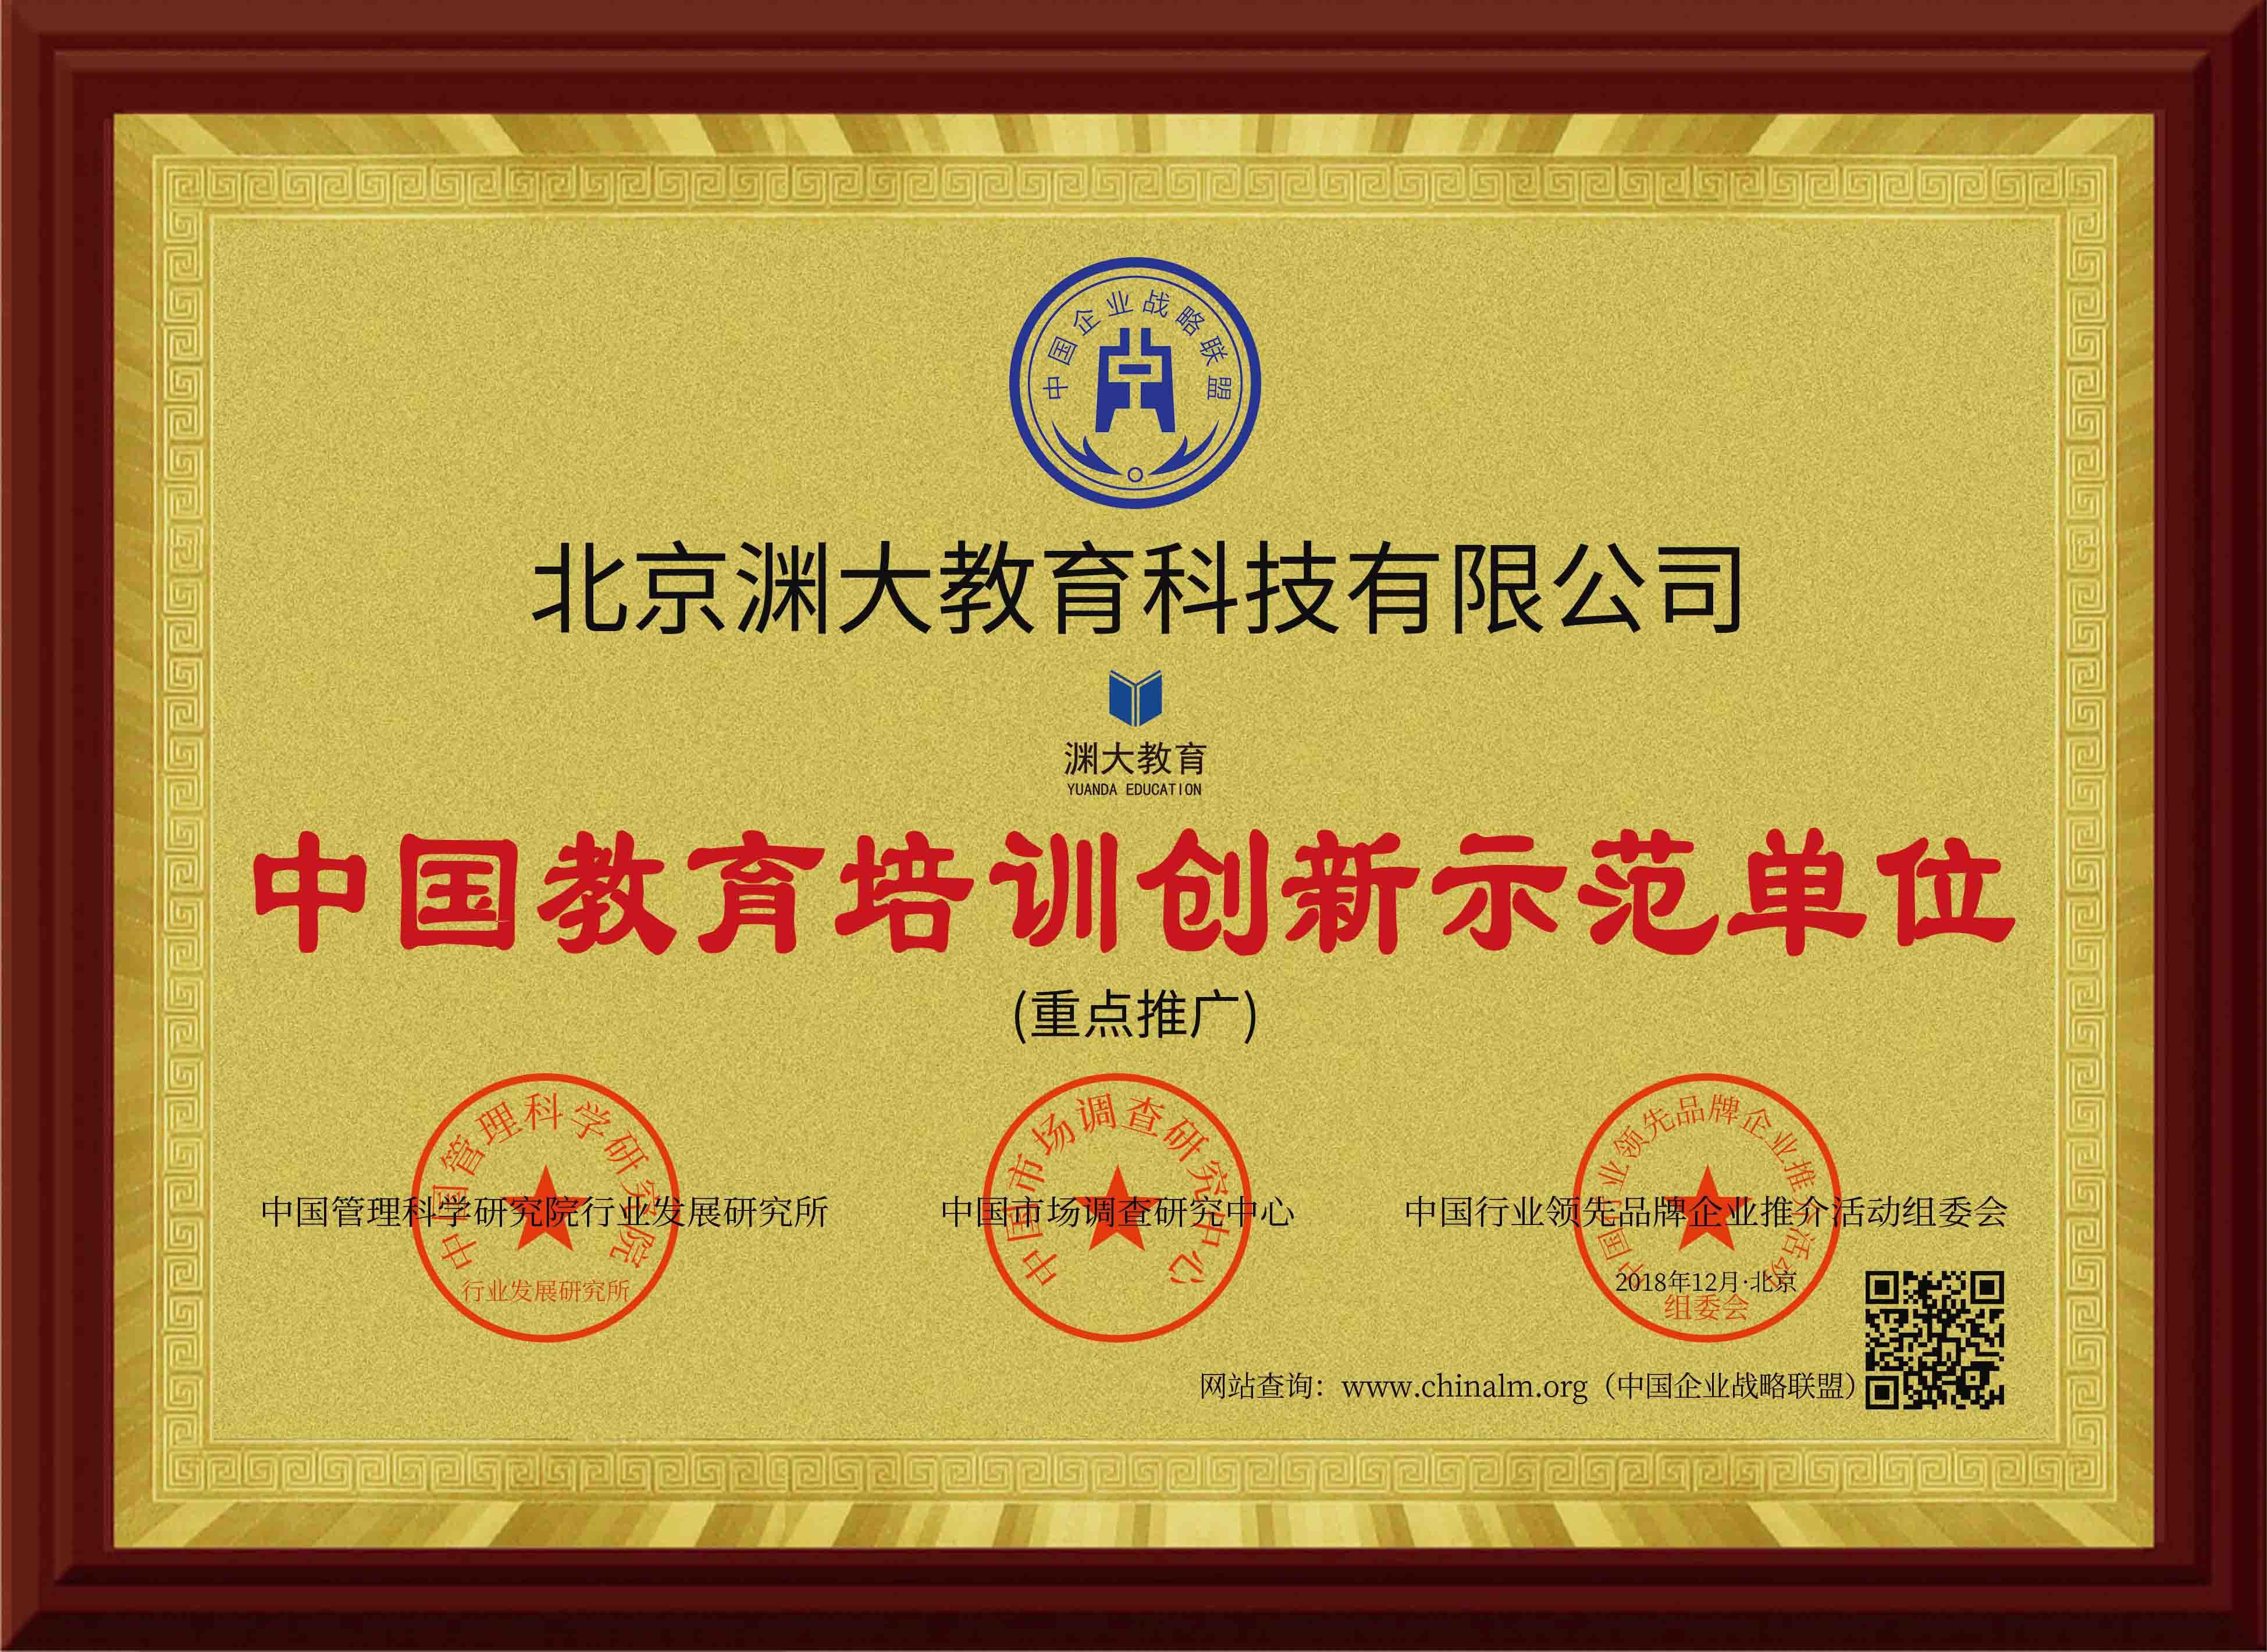 http://www.umeiwen.com/jiaoyu/1251606.html